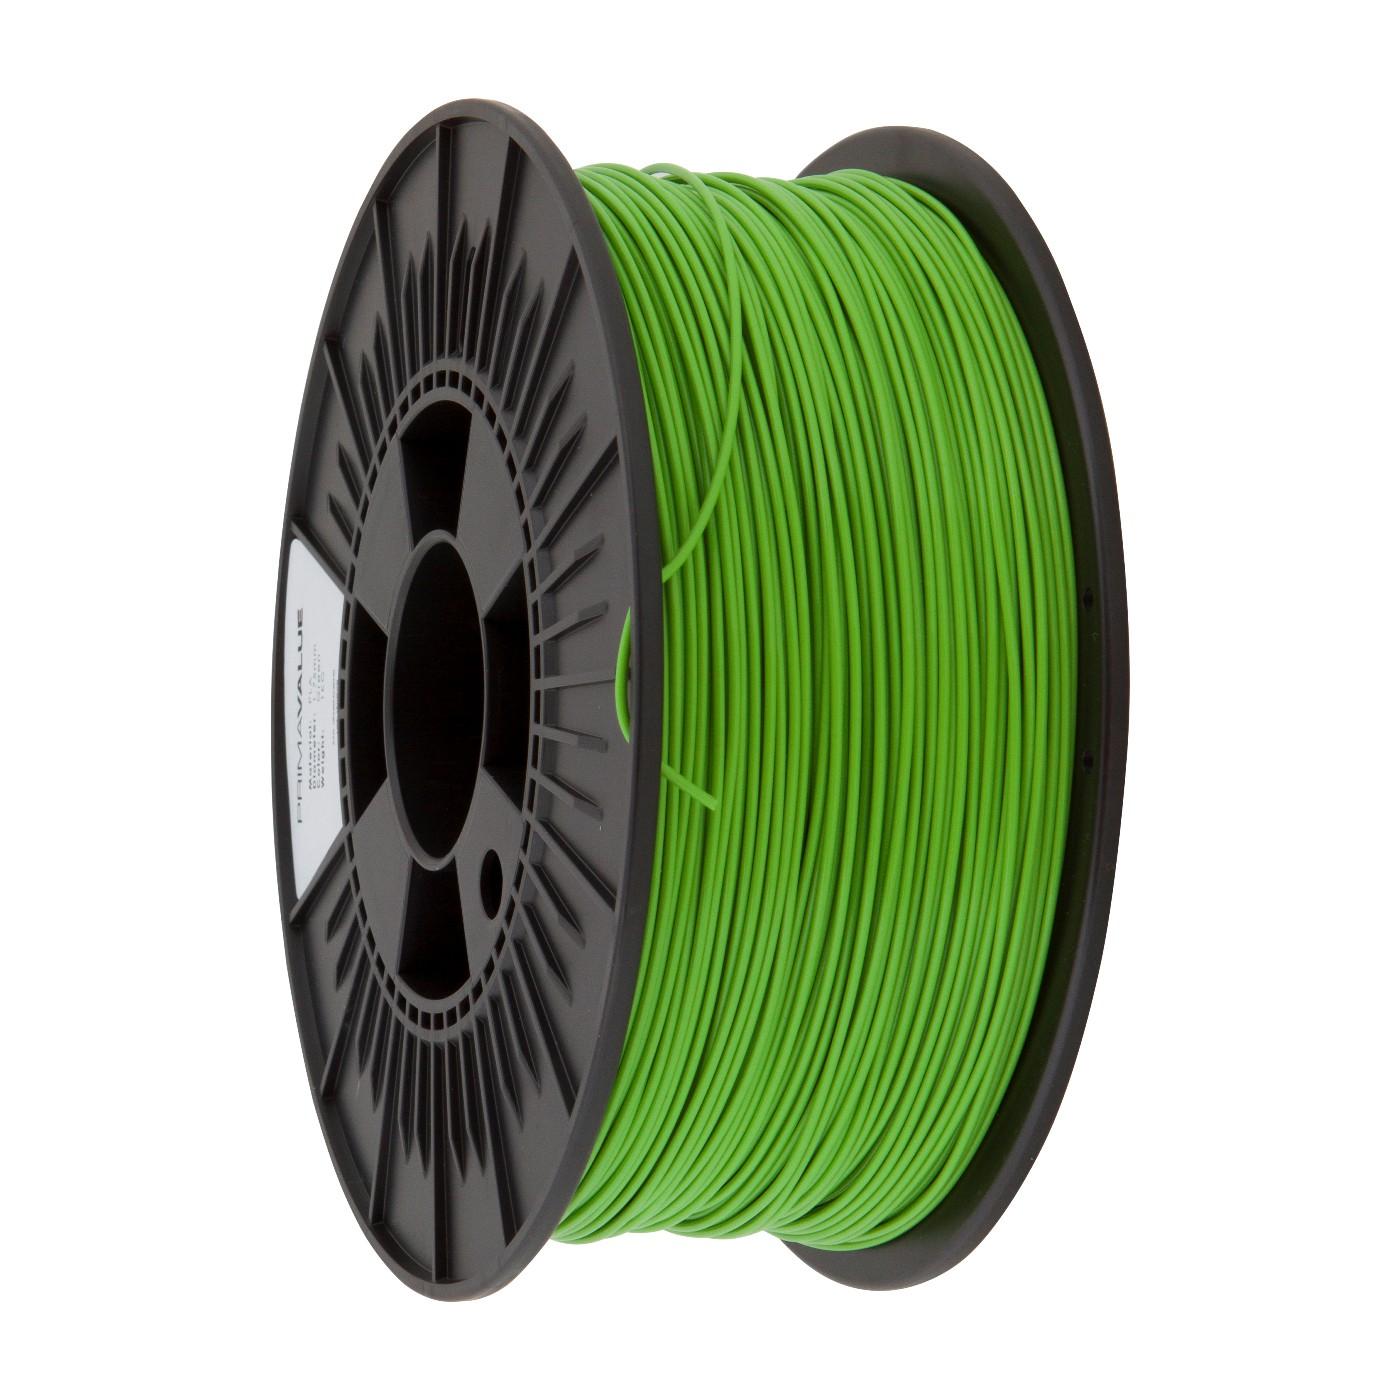 PrimaValue ABS Filament - 1.75mm - 1 kg spool -Grön